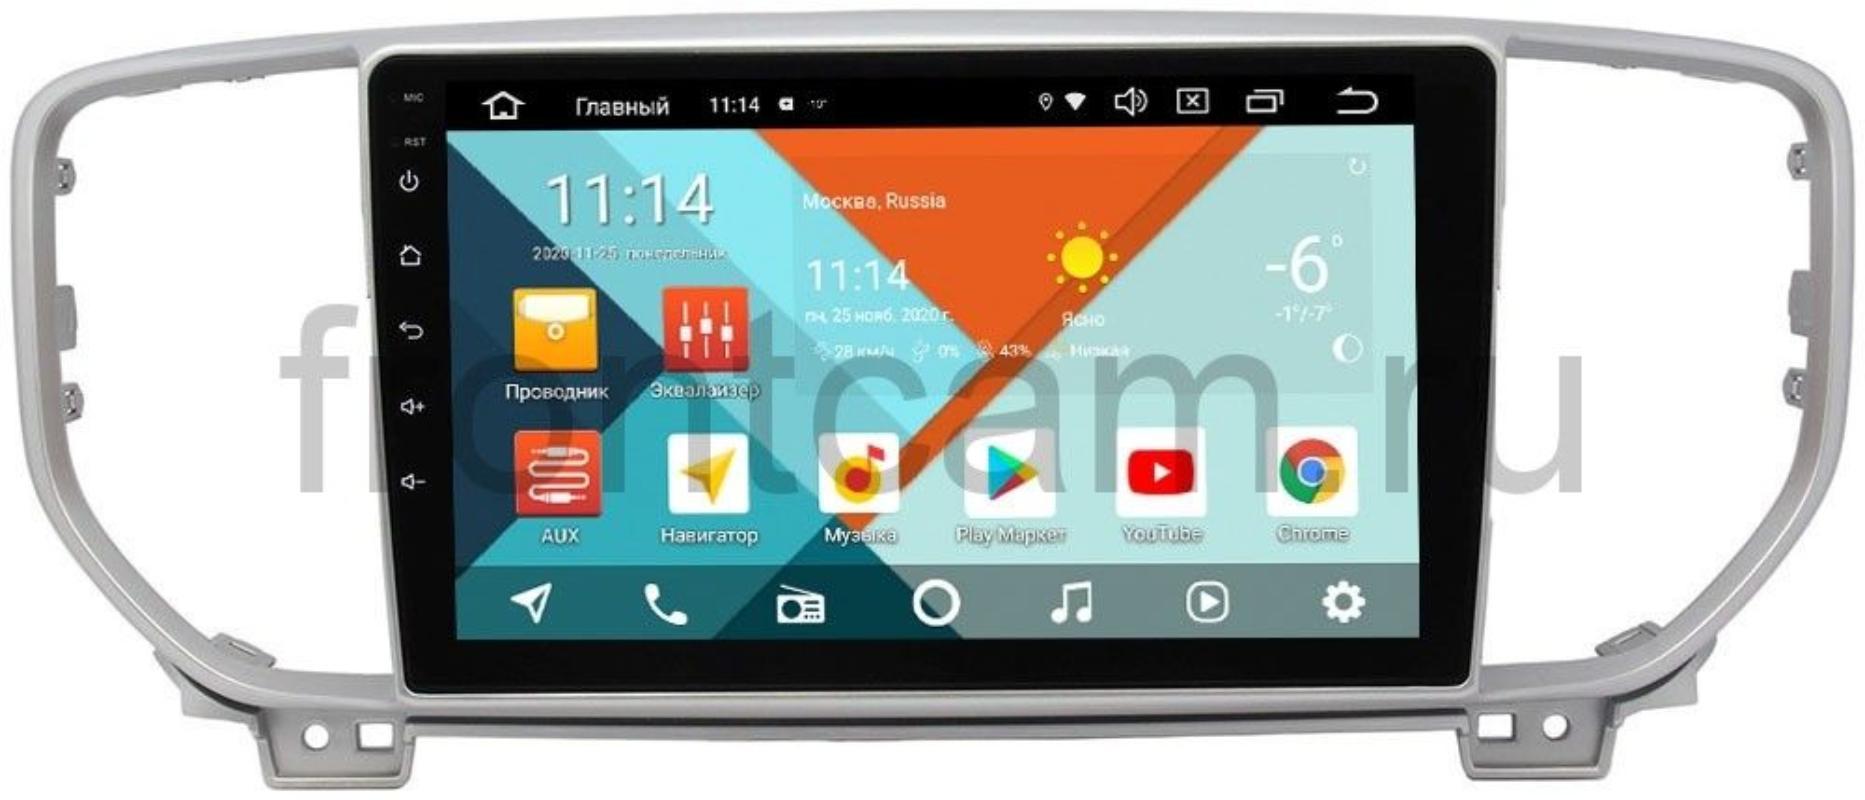 Штатная магнитола Kia Sportage IV 2018-2020 Wide Media KS9082QR-3/32 DSP CarPlay 4G-SIM на Android 10 (API 29) (для авто с камерой) (+ Камера заднего вида в подарок!)